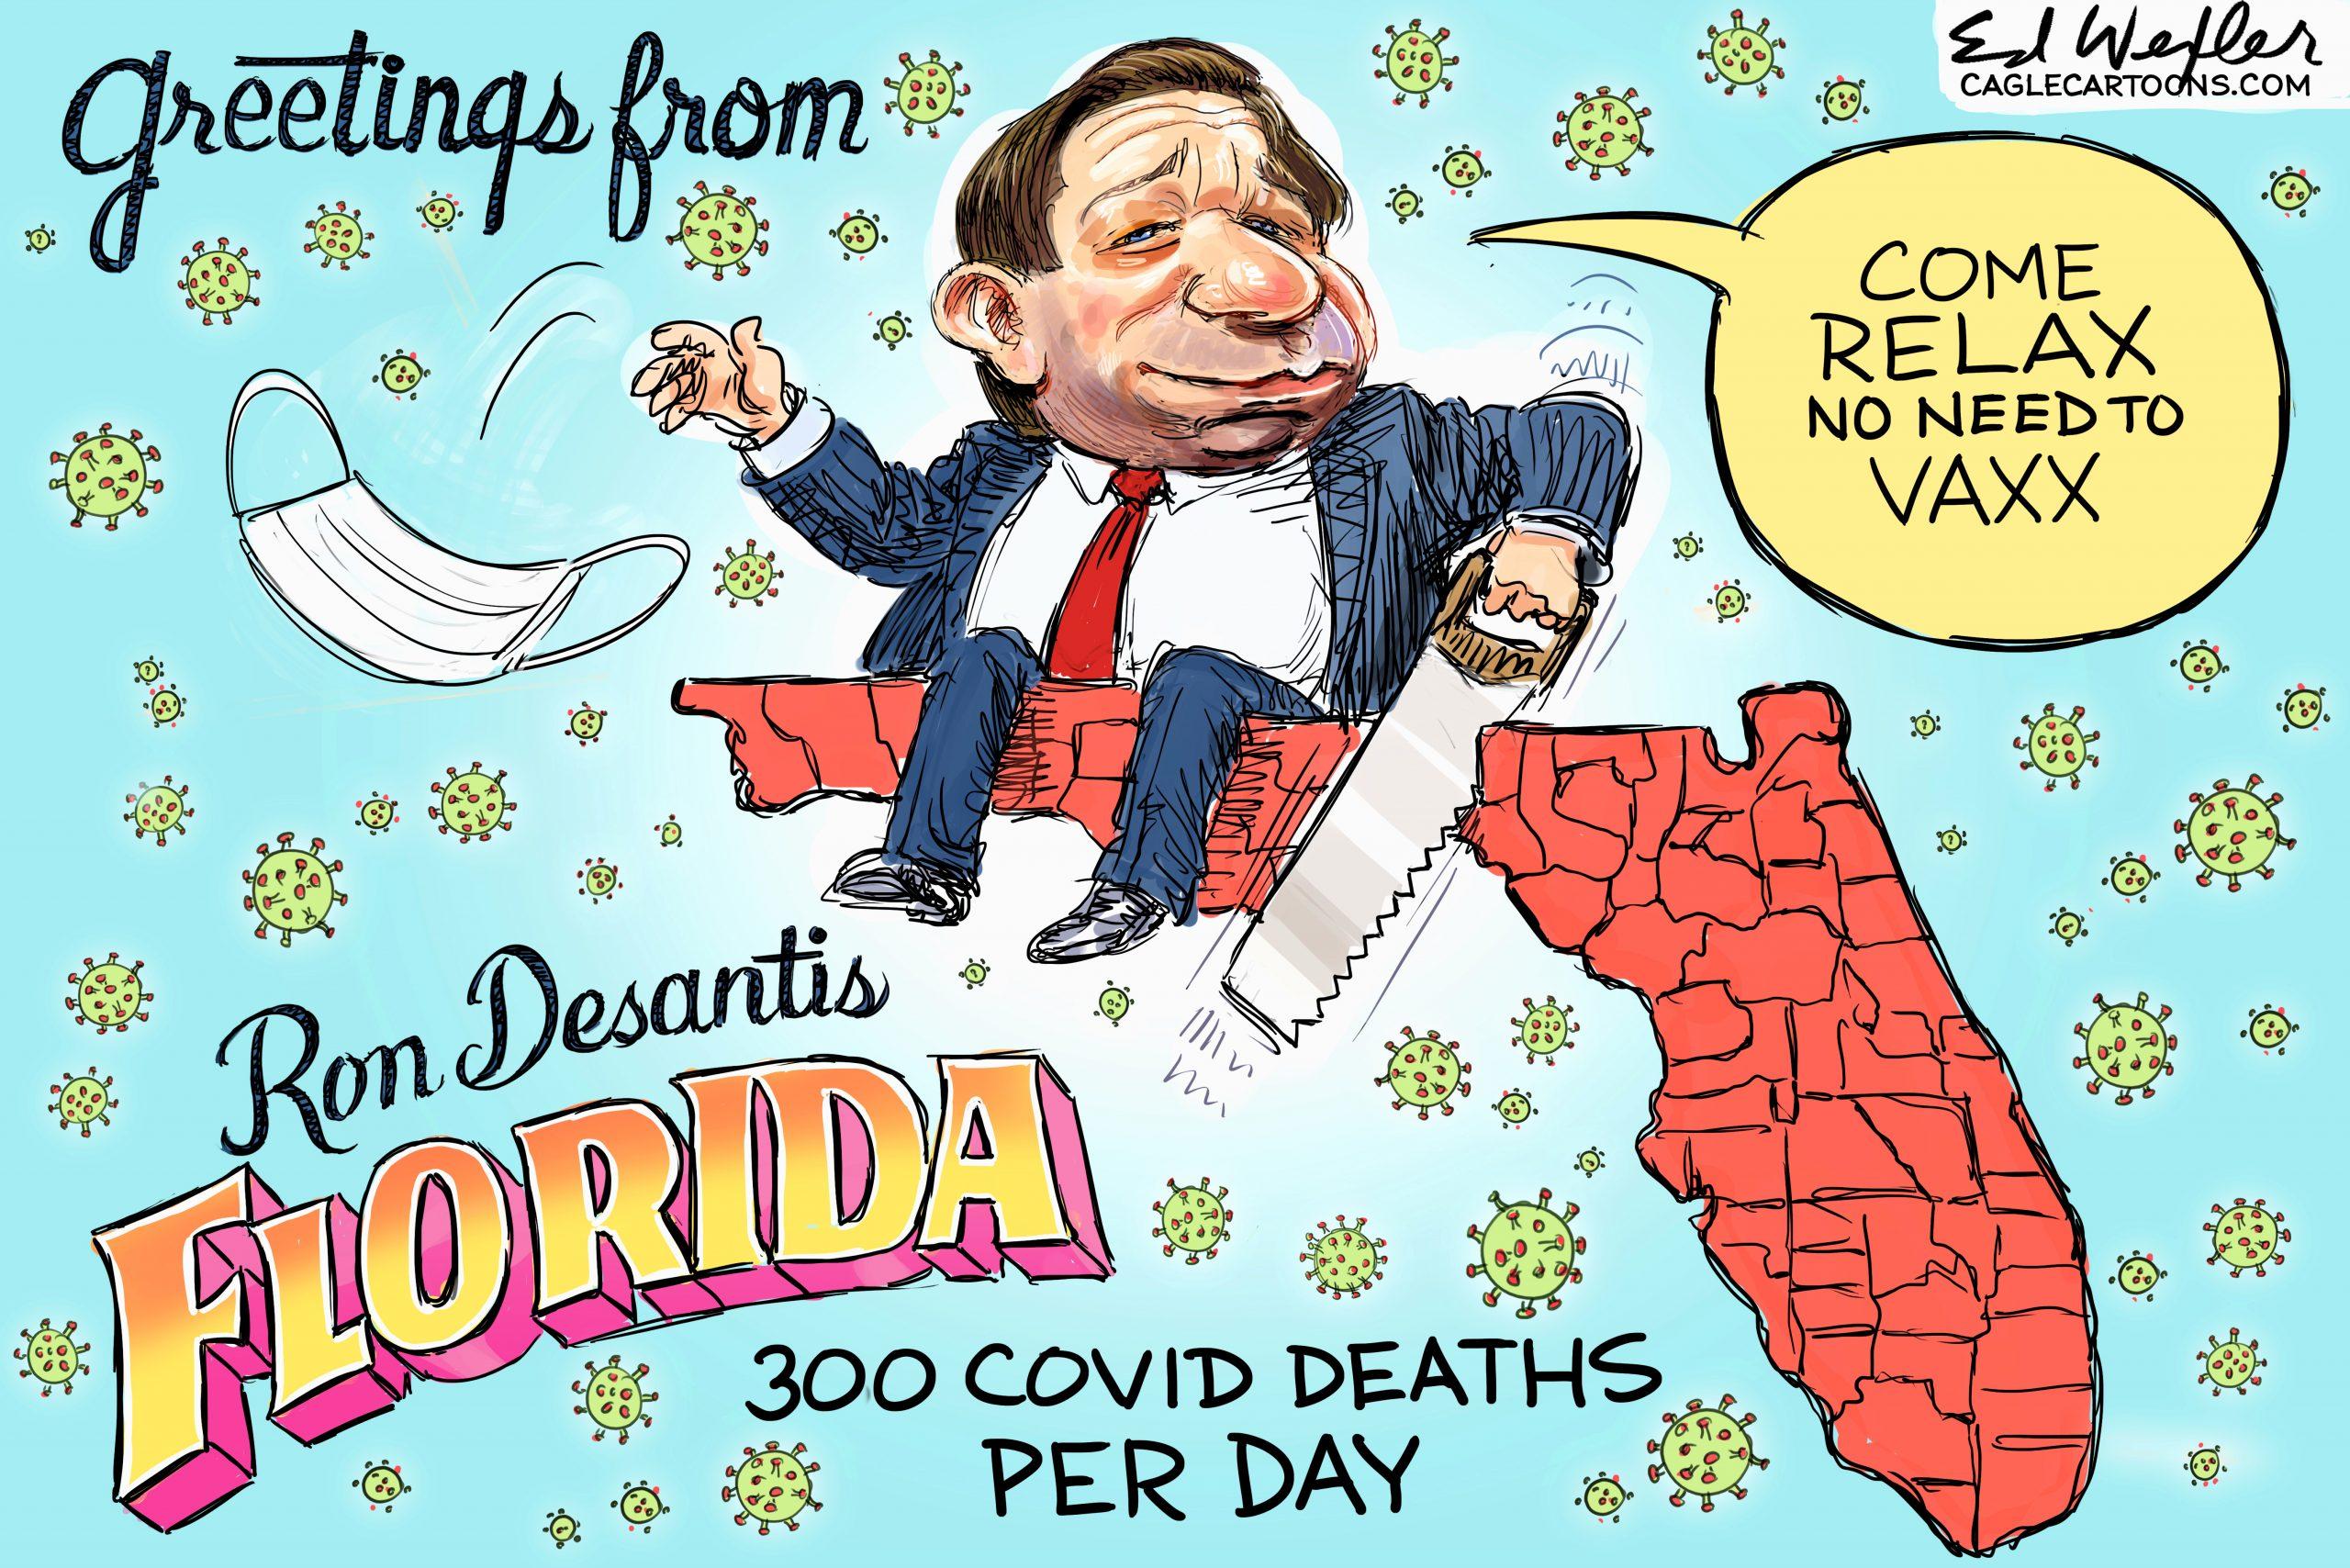 Greetings From Desantis Florida by Ed Wexler, CagleCartoons.com